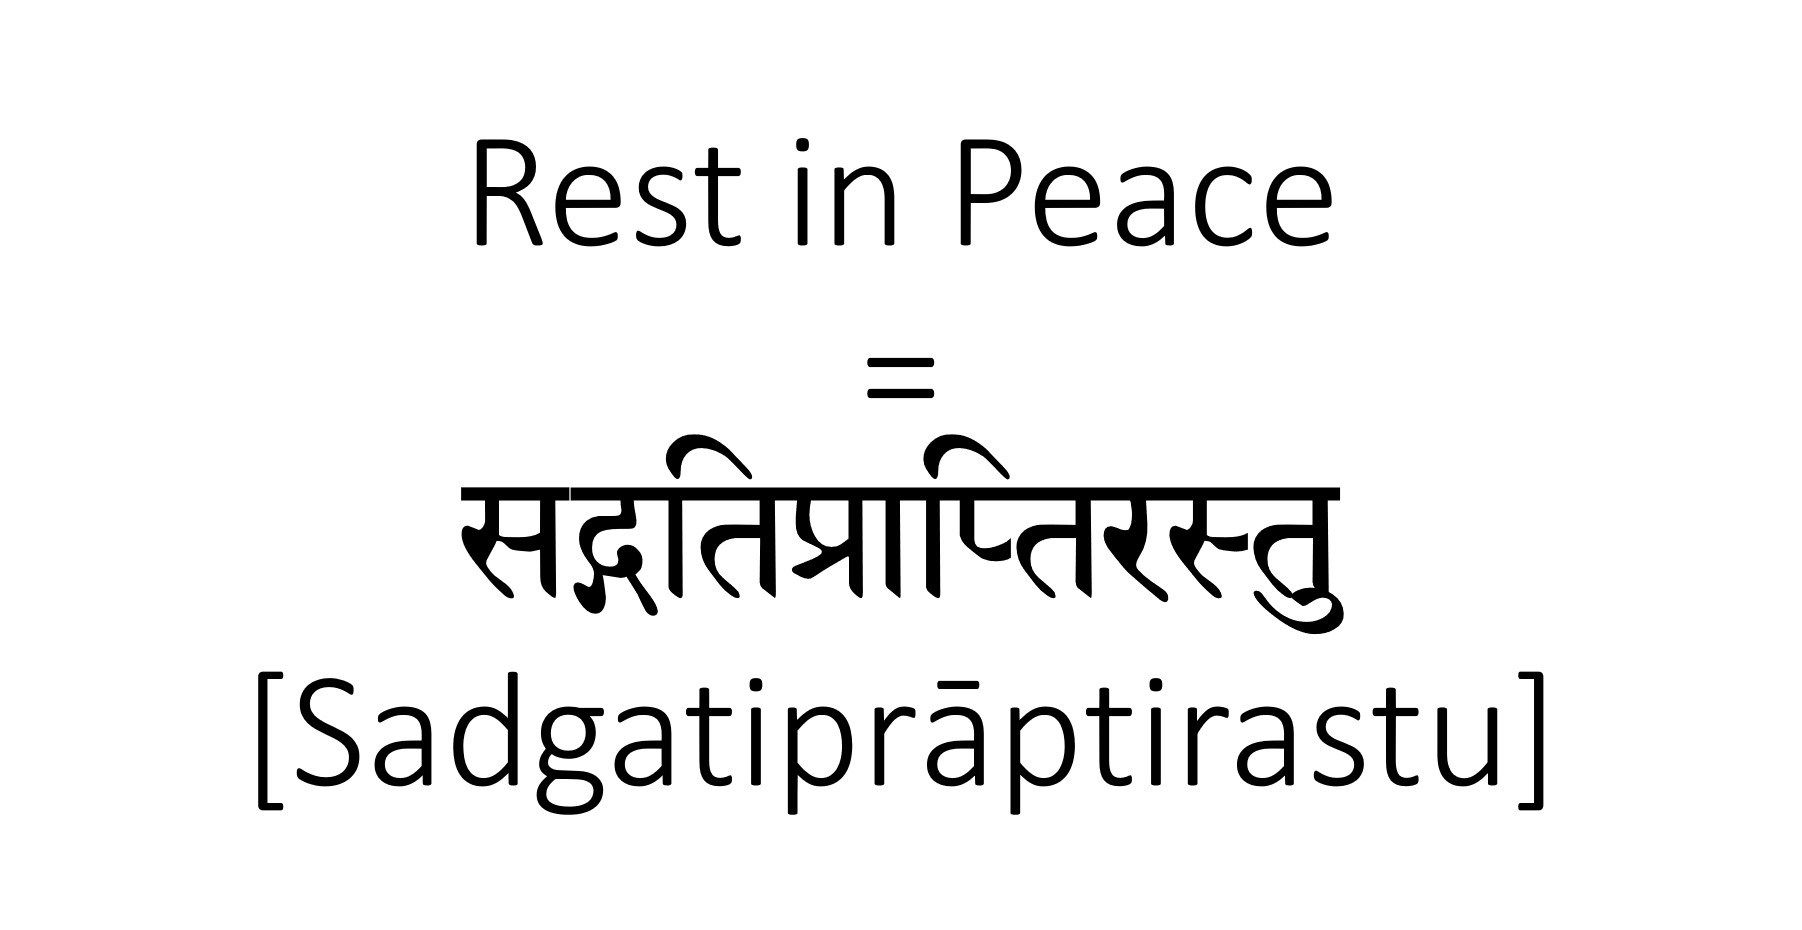 How to Say Rest in Peace in Sanskrit | Sanskrit Tattoos ...